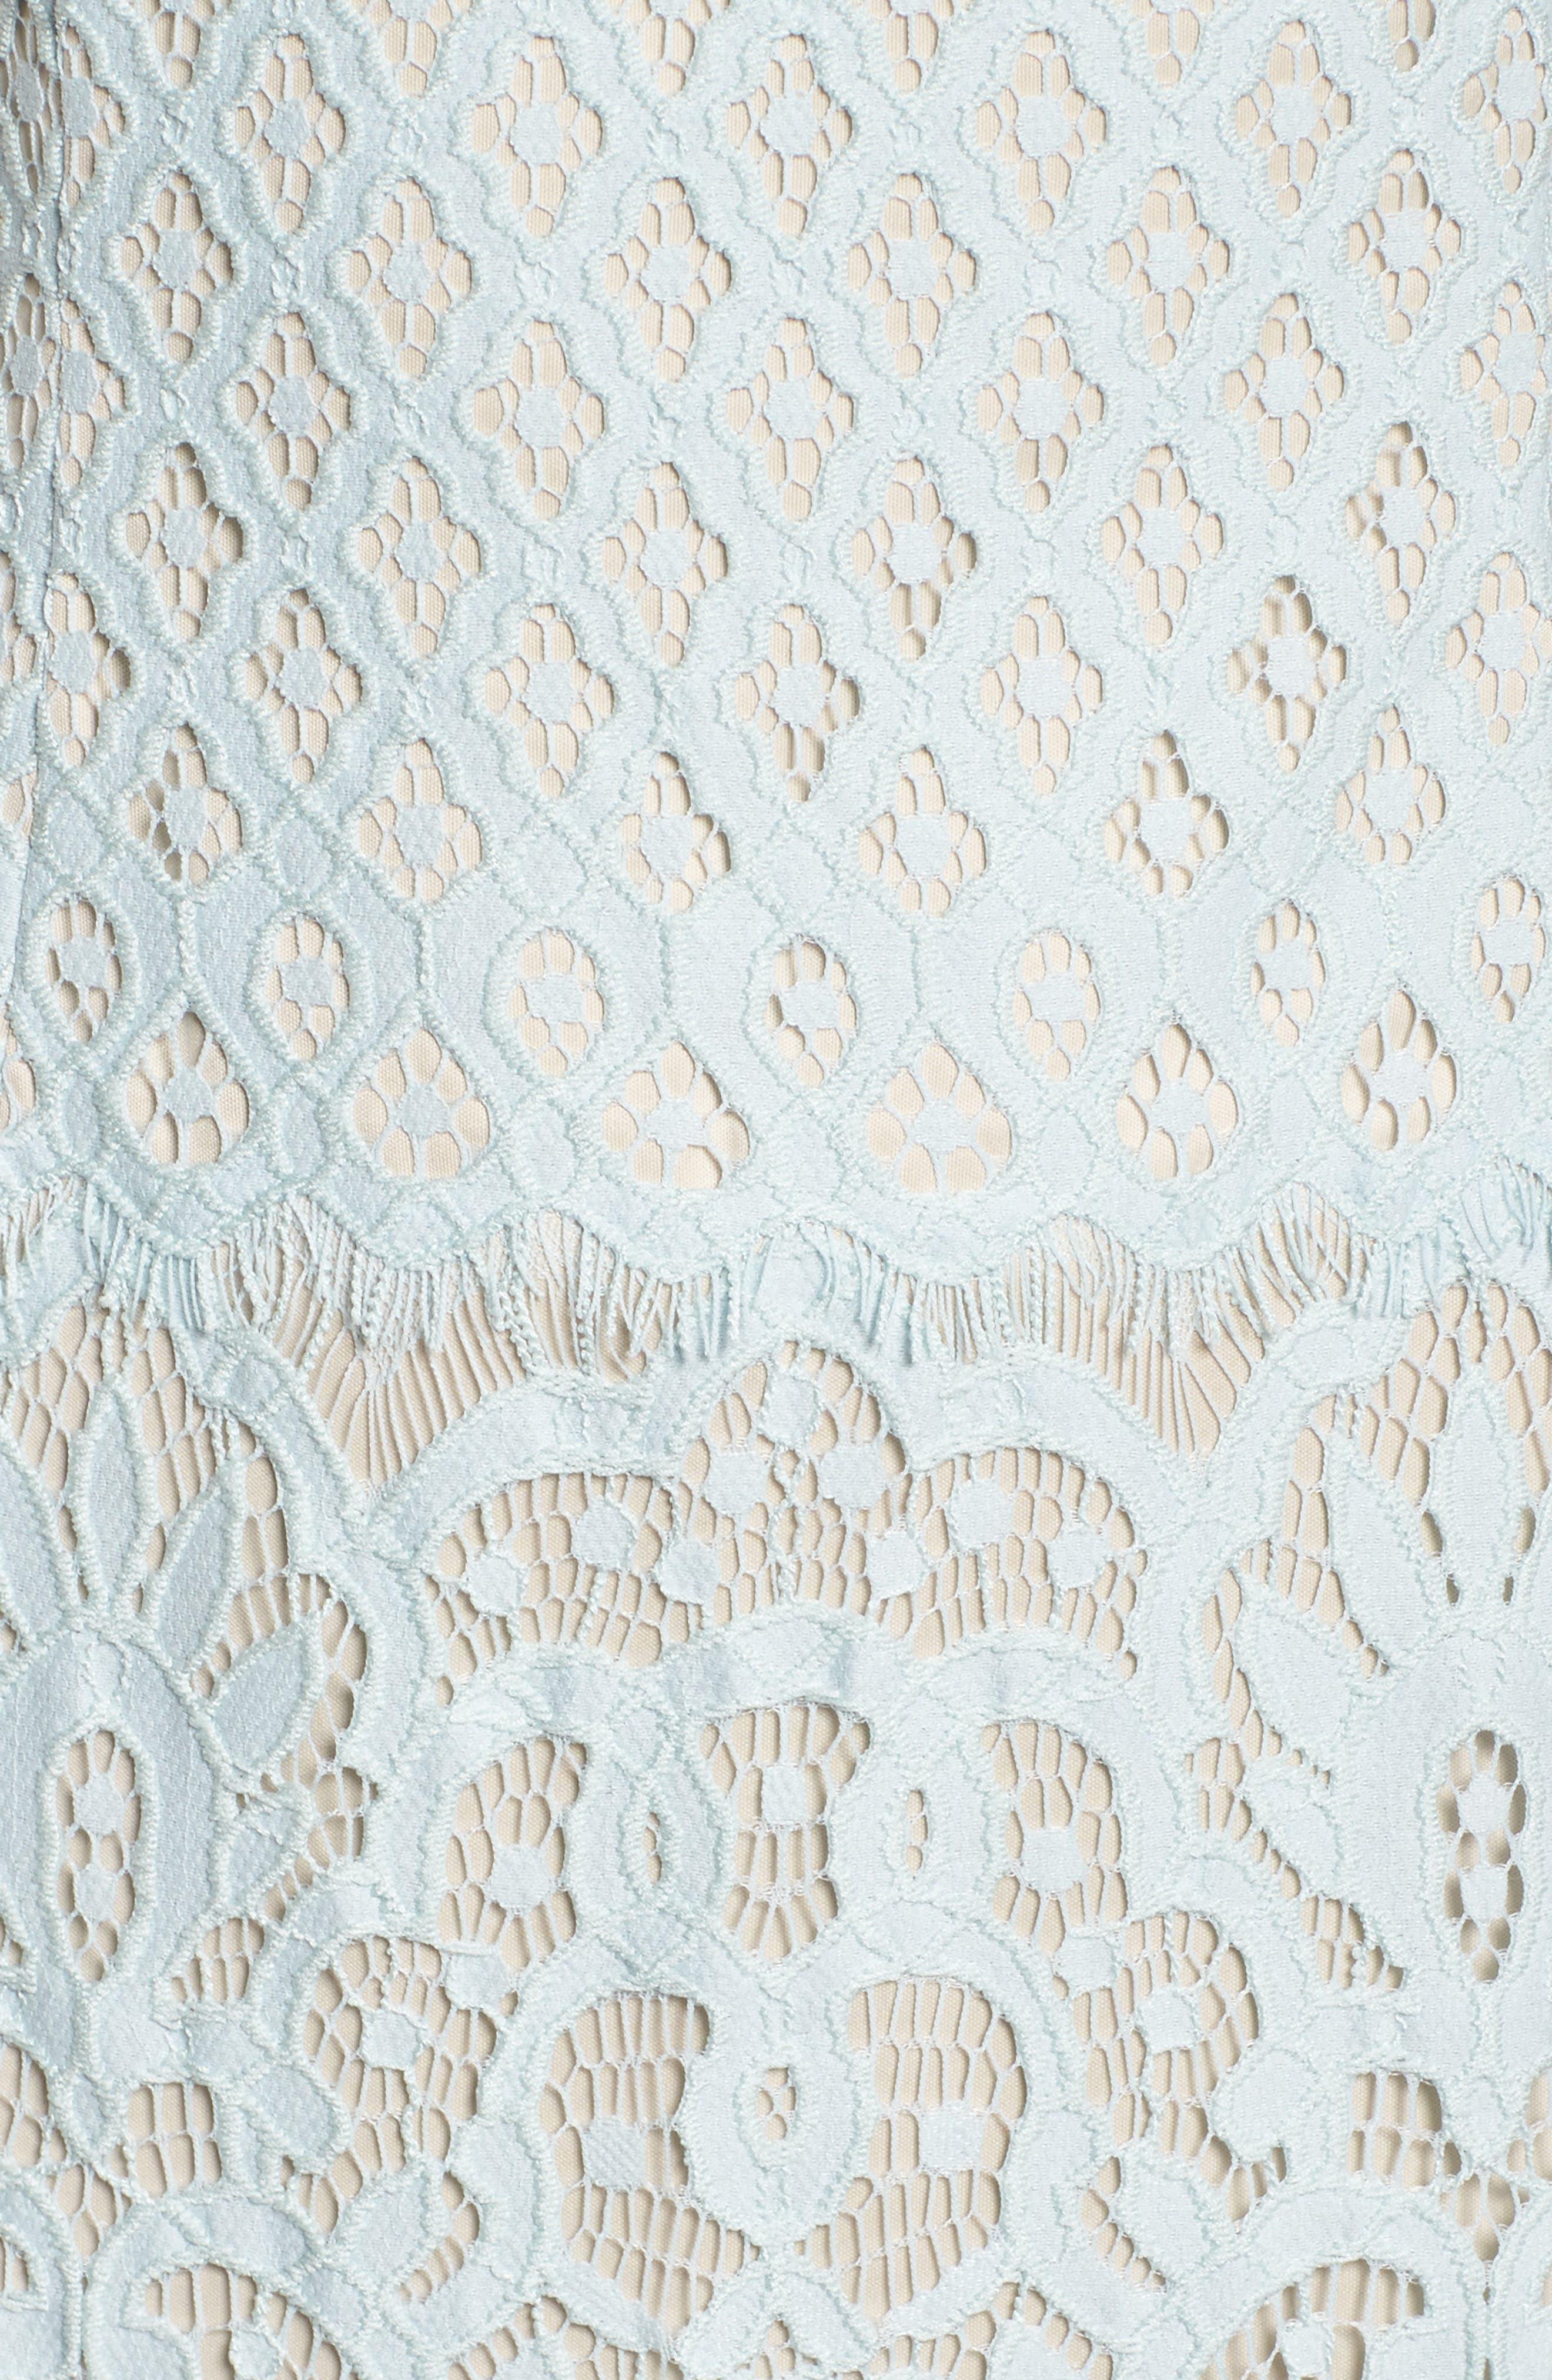 Illusion Neck Lace Column Gown,                             Alternate thumbnail 5, color,                             400